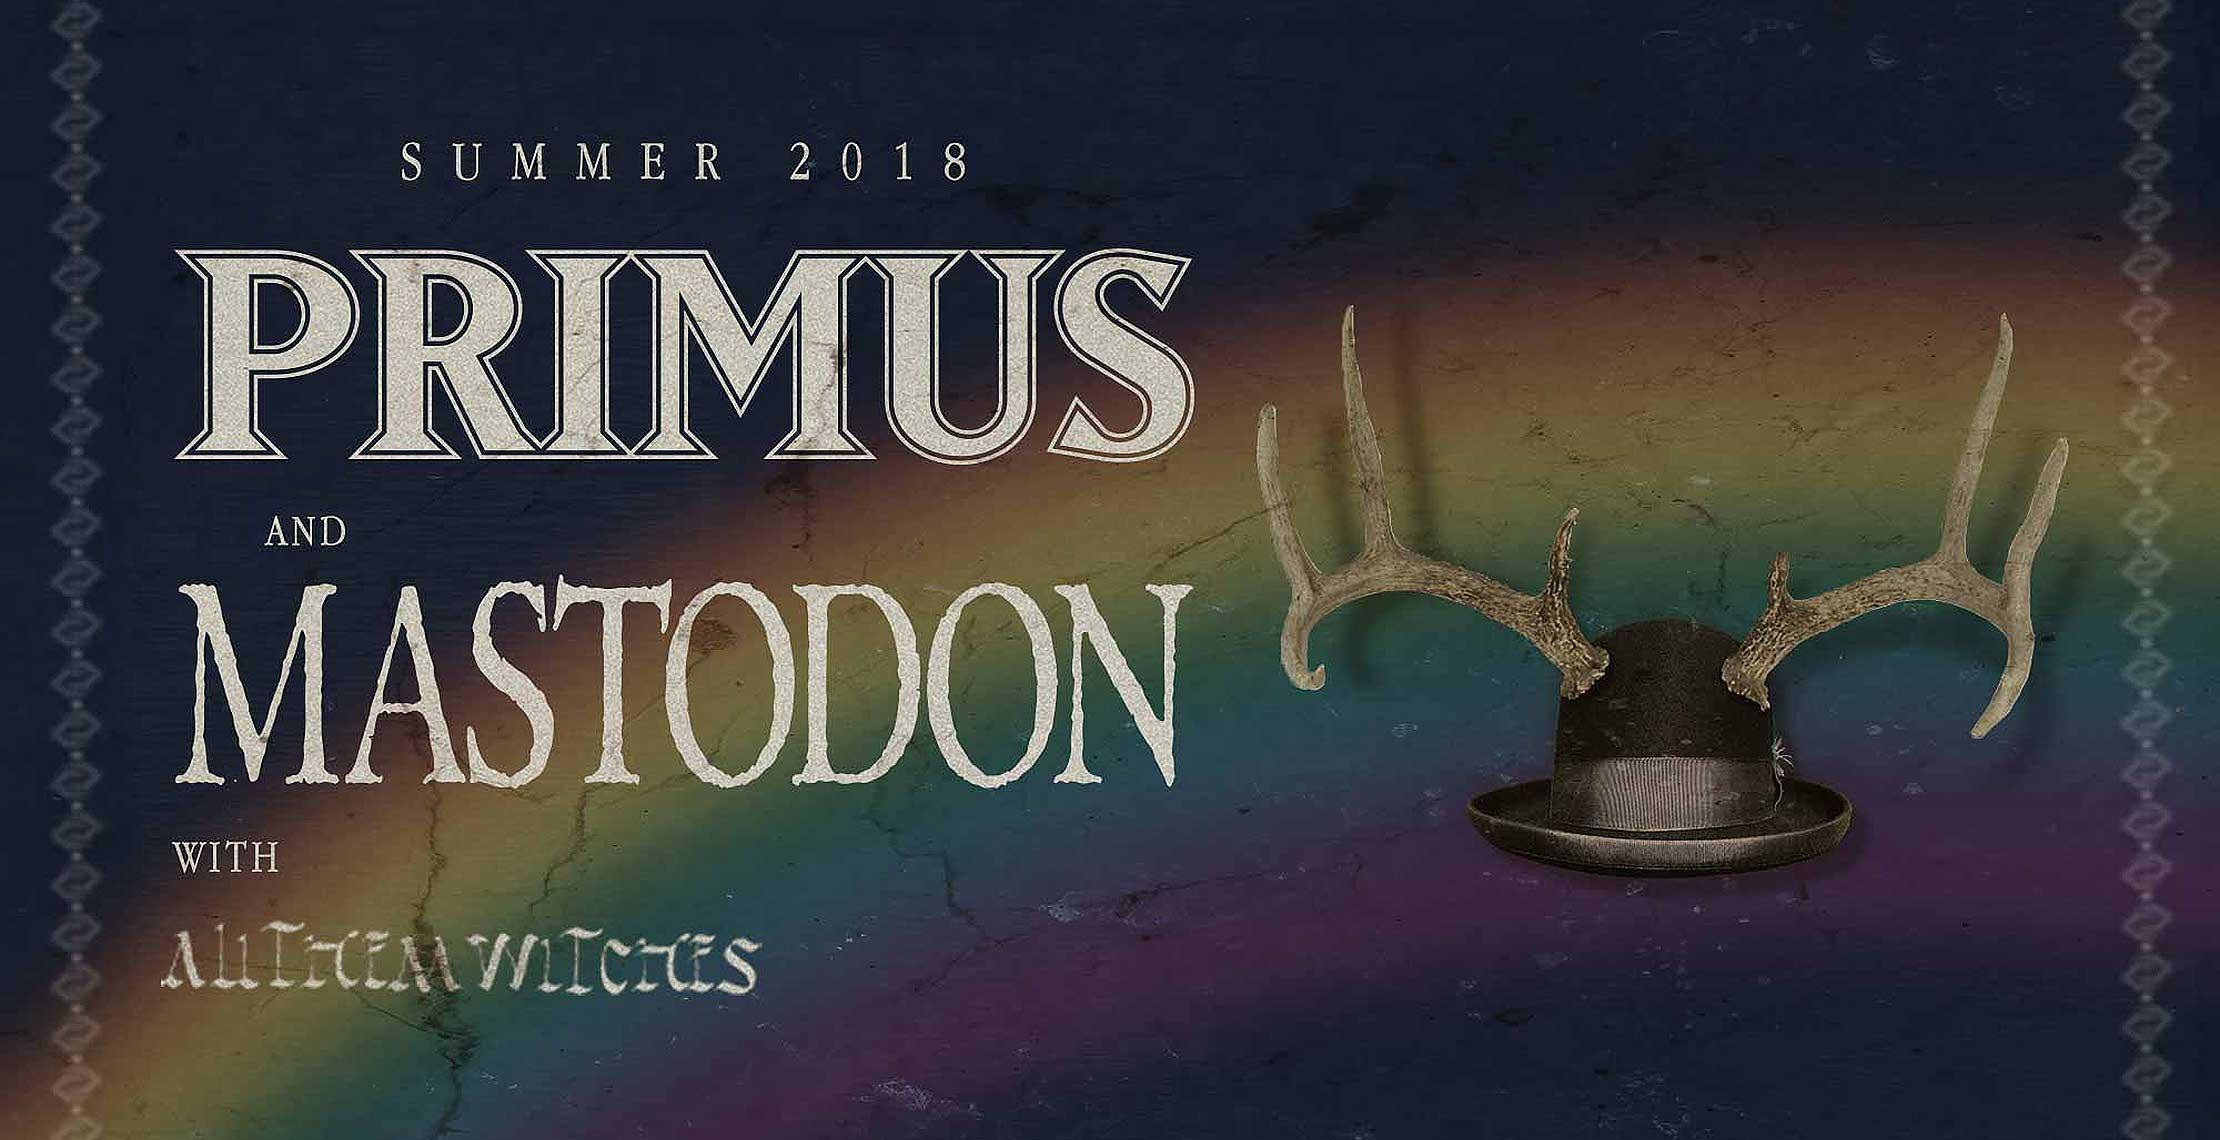 Primus and Mastodon